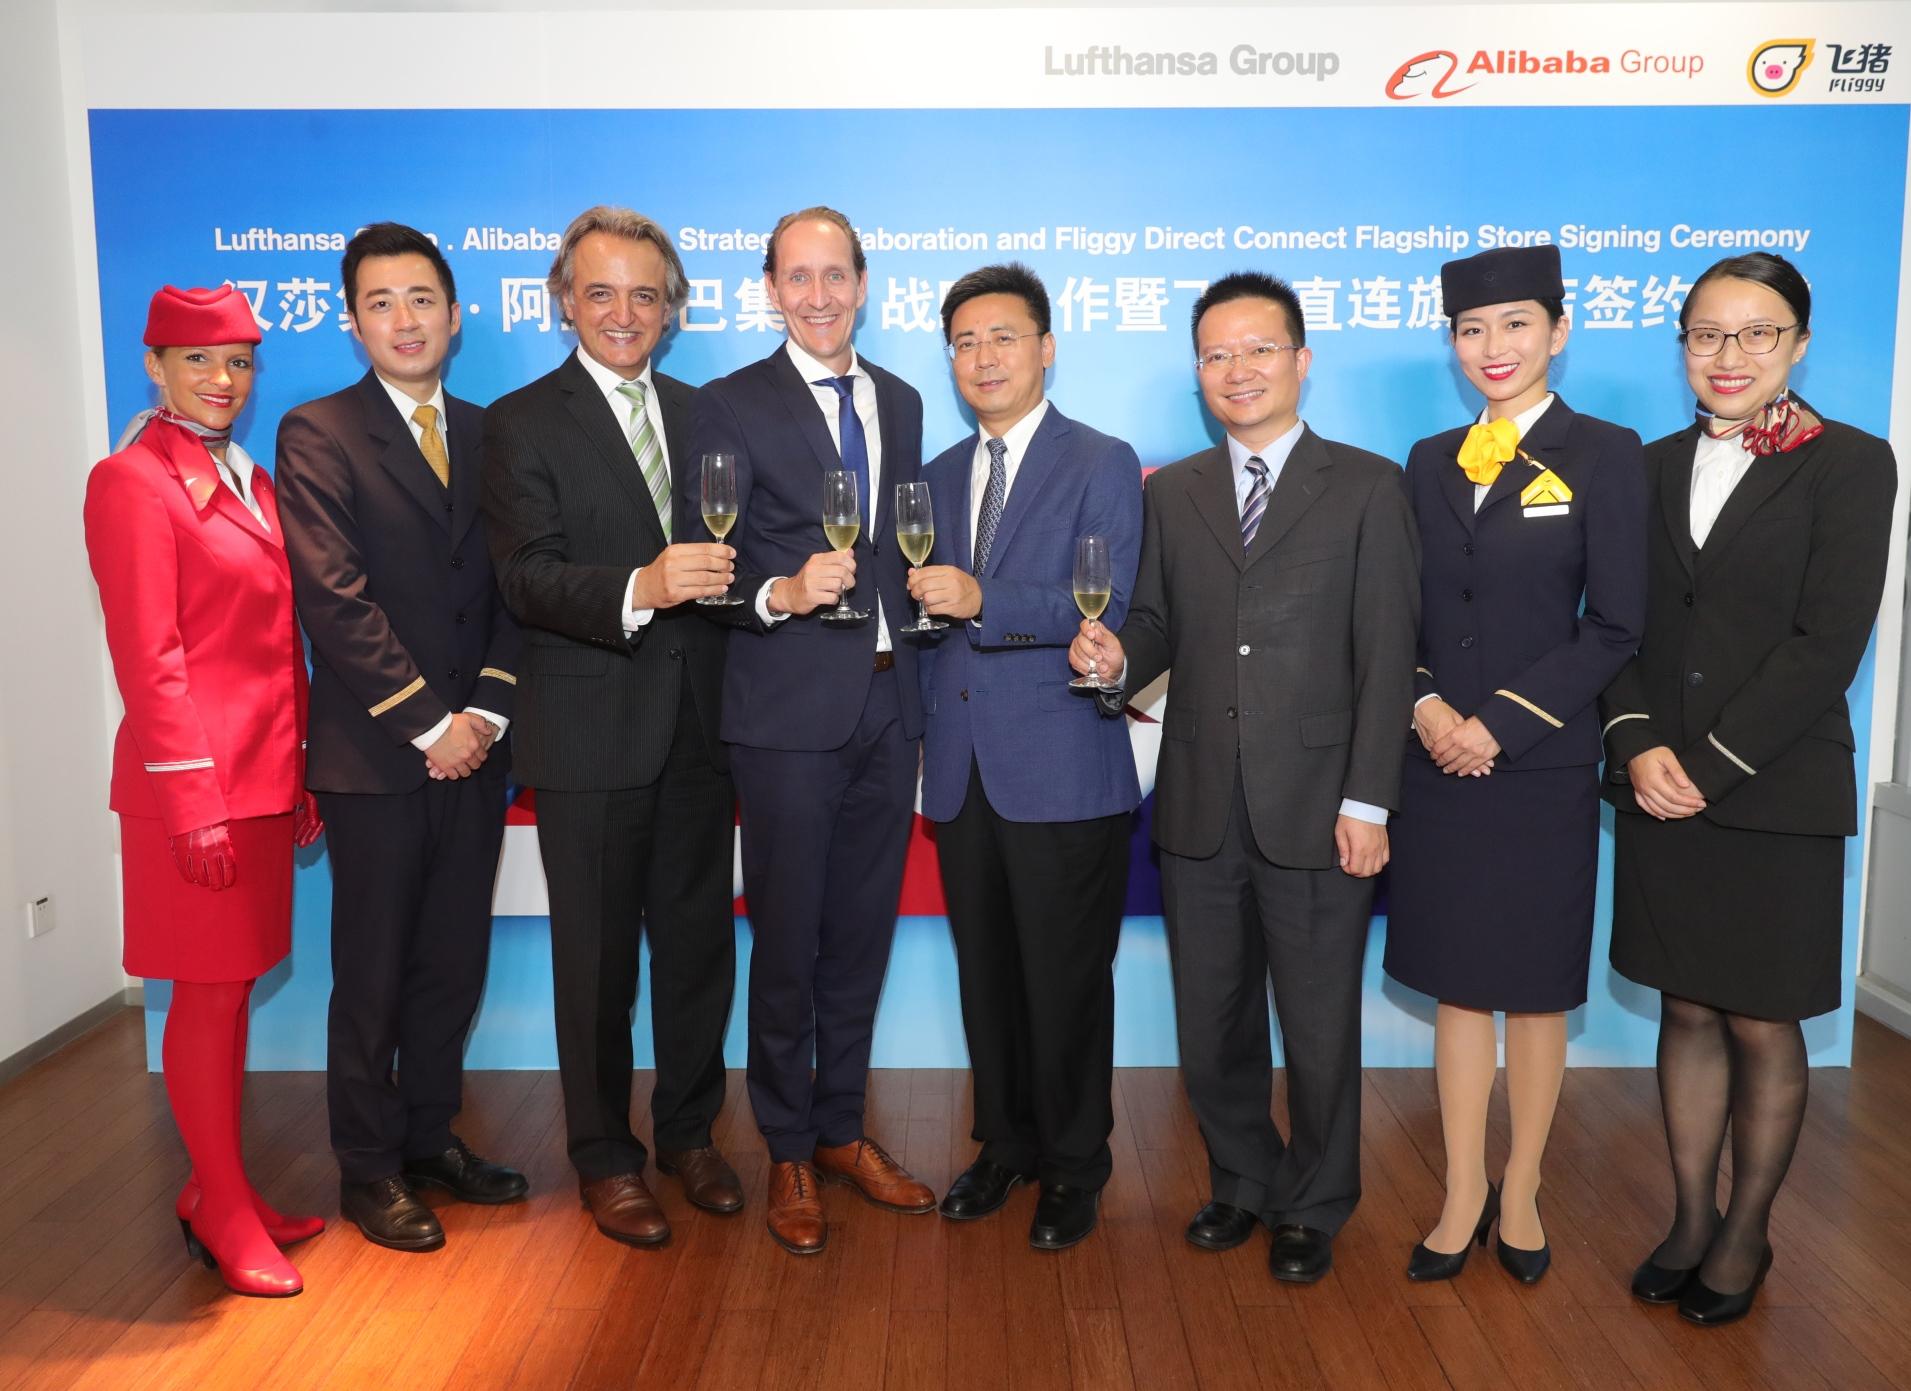 汉莎航空:与飞猪签署战略协议 开启直连业务